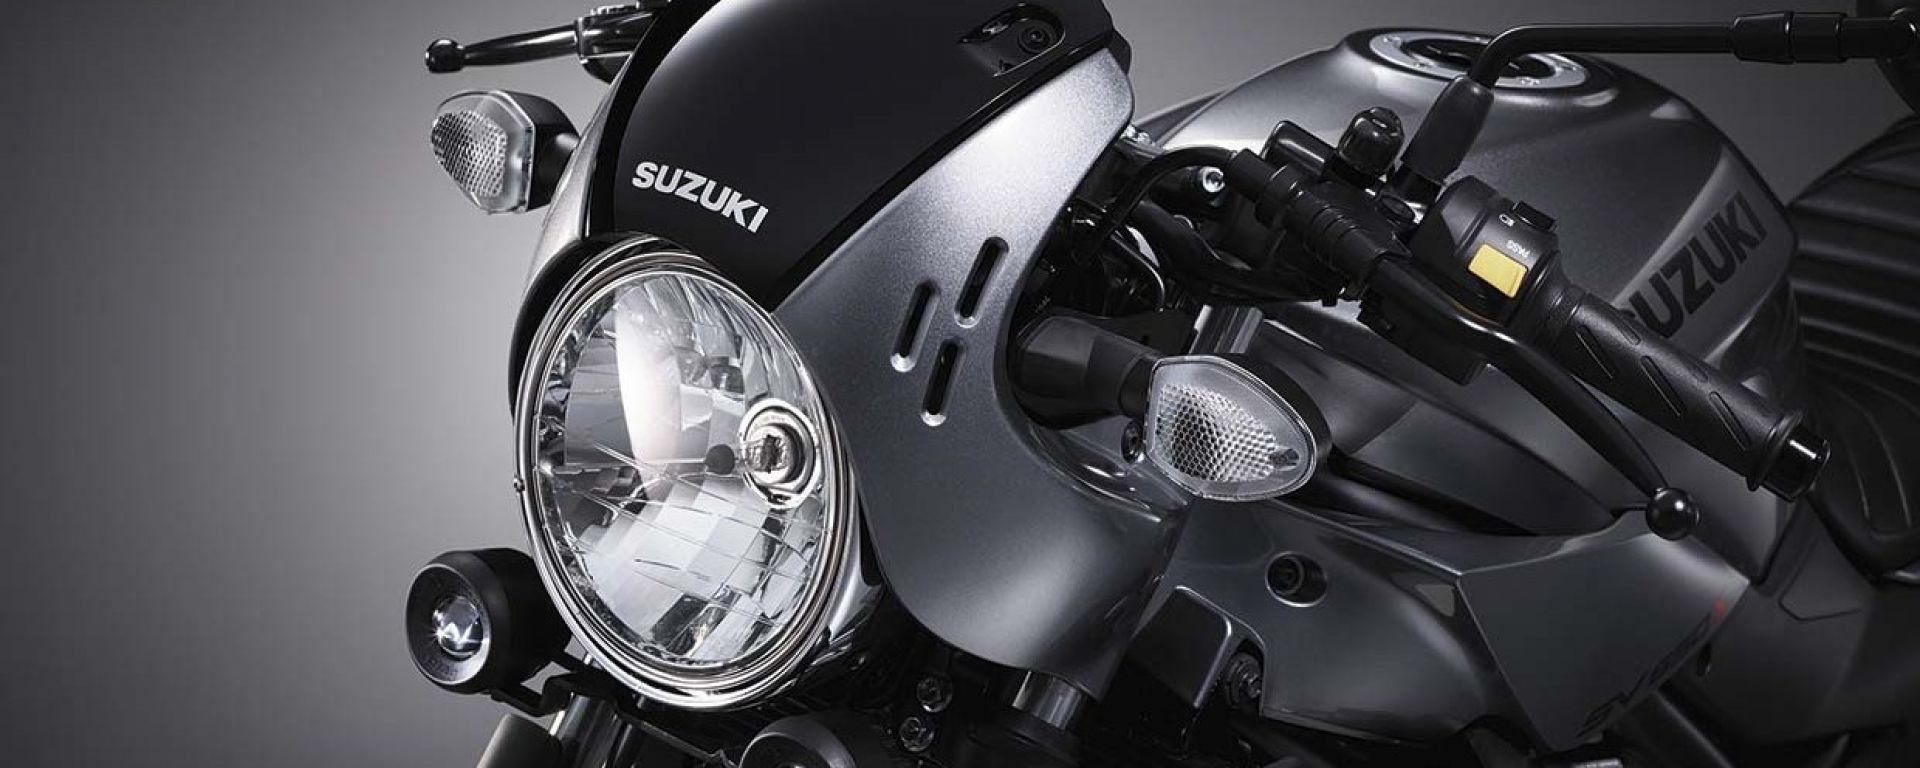 Suzuki SV650X, debutto al Salone di Tokyo